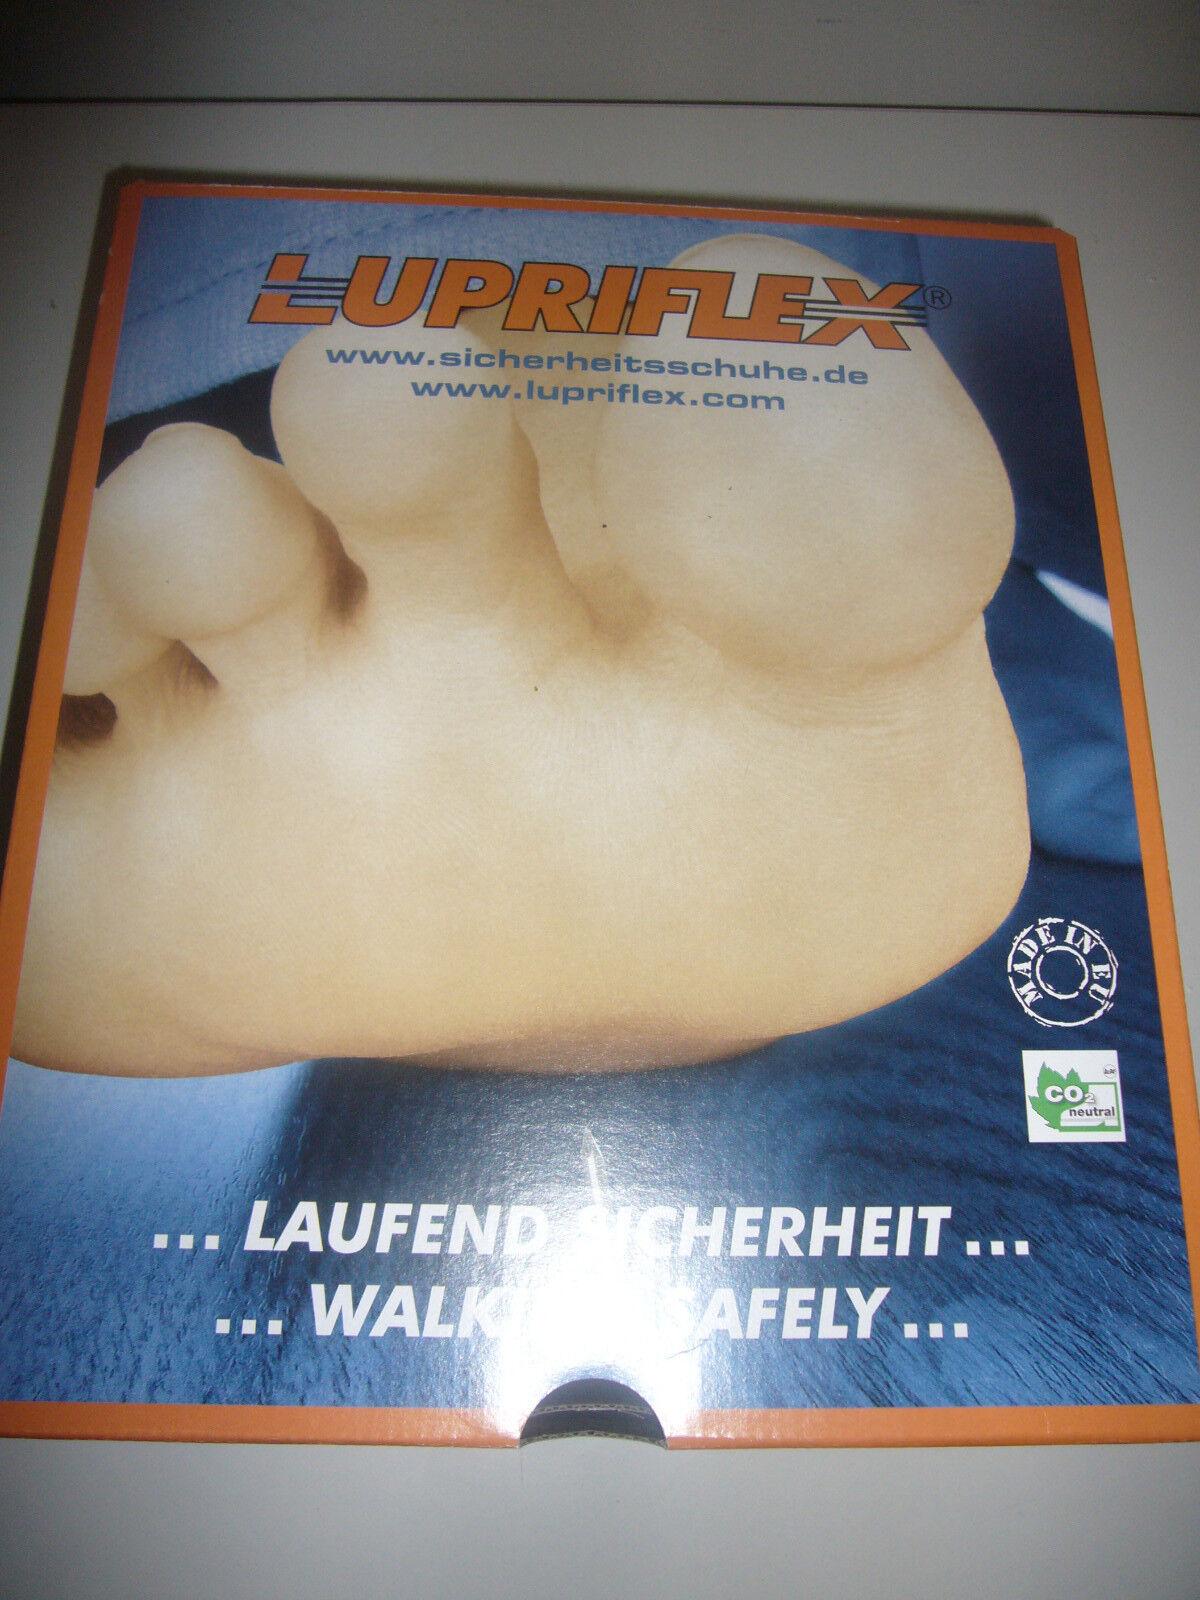 Lupriflex 3-265 S3 Duo ÜK Größe 43 Sicherheitshochschuhe Trail Duo S3 Boot Sicherheitss f8c090